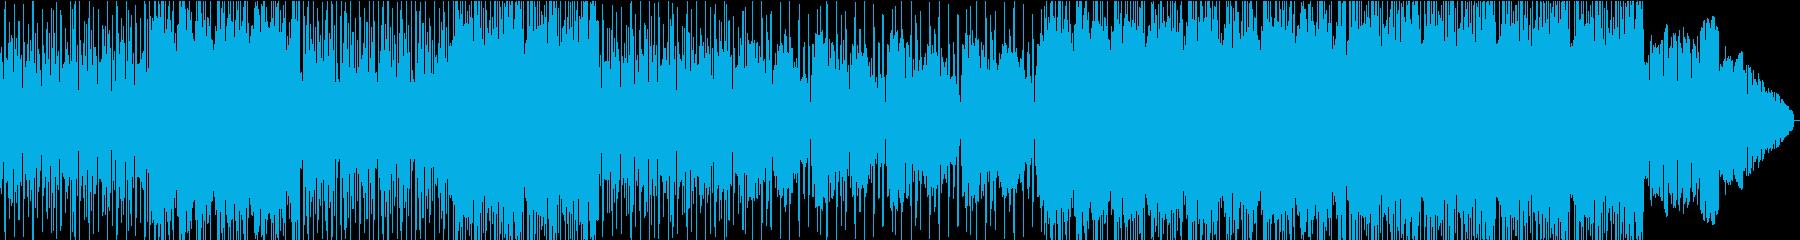 メロディアスでダンサンブルなEDMの再生済みの波形